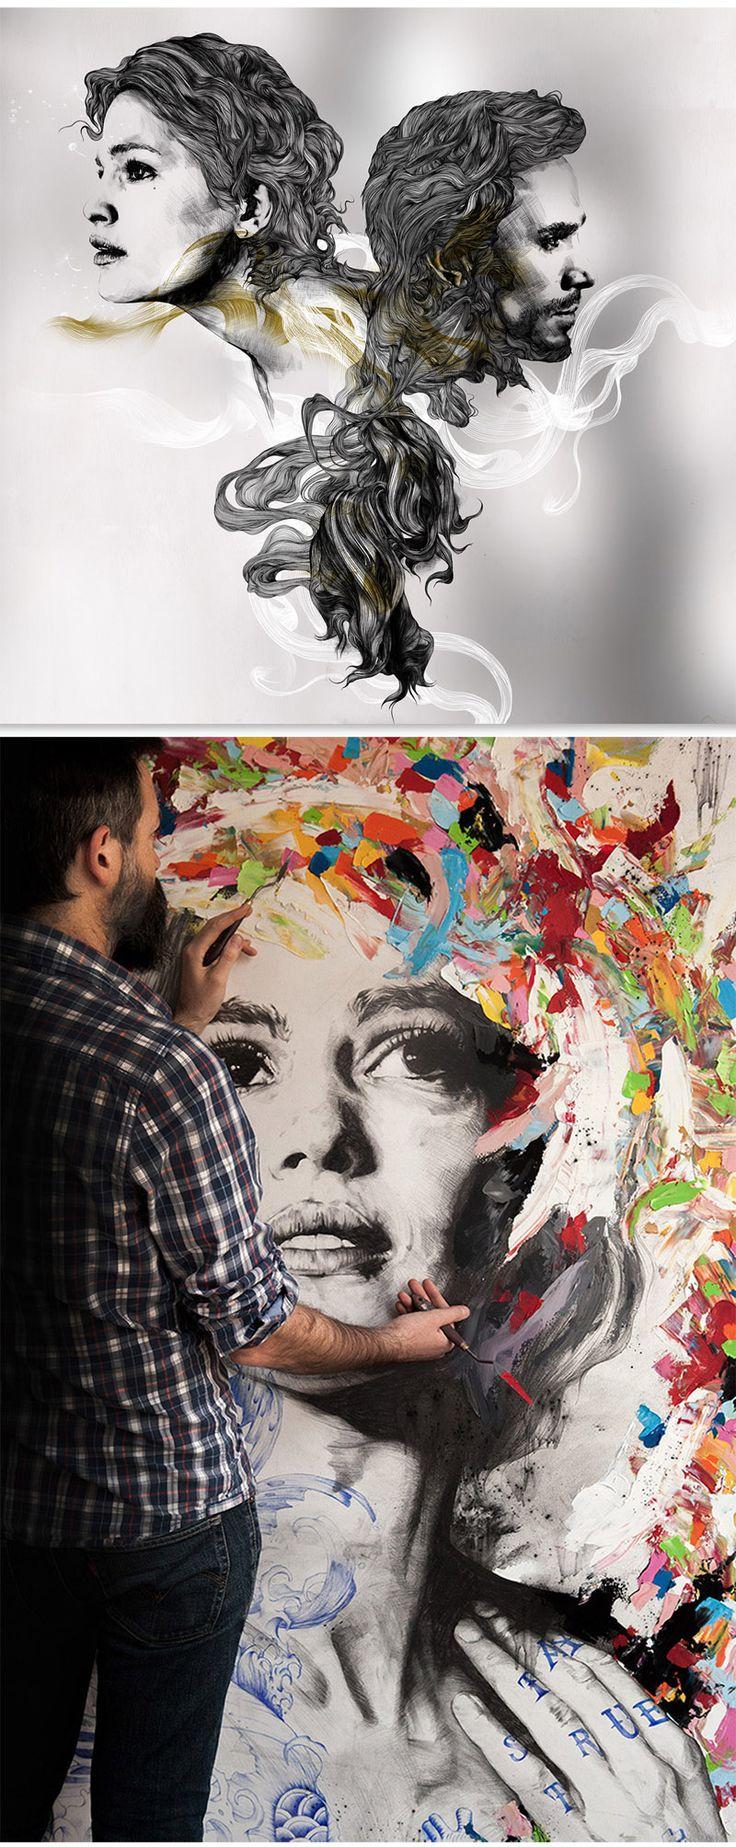 Gabriel Moreno http://gabrielmoreno.com/